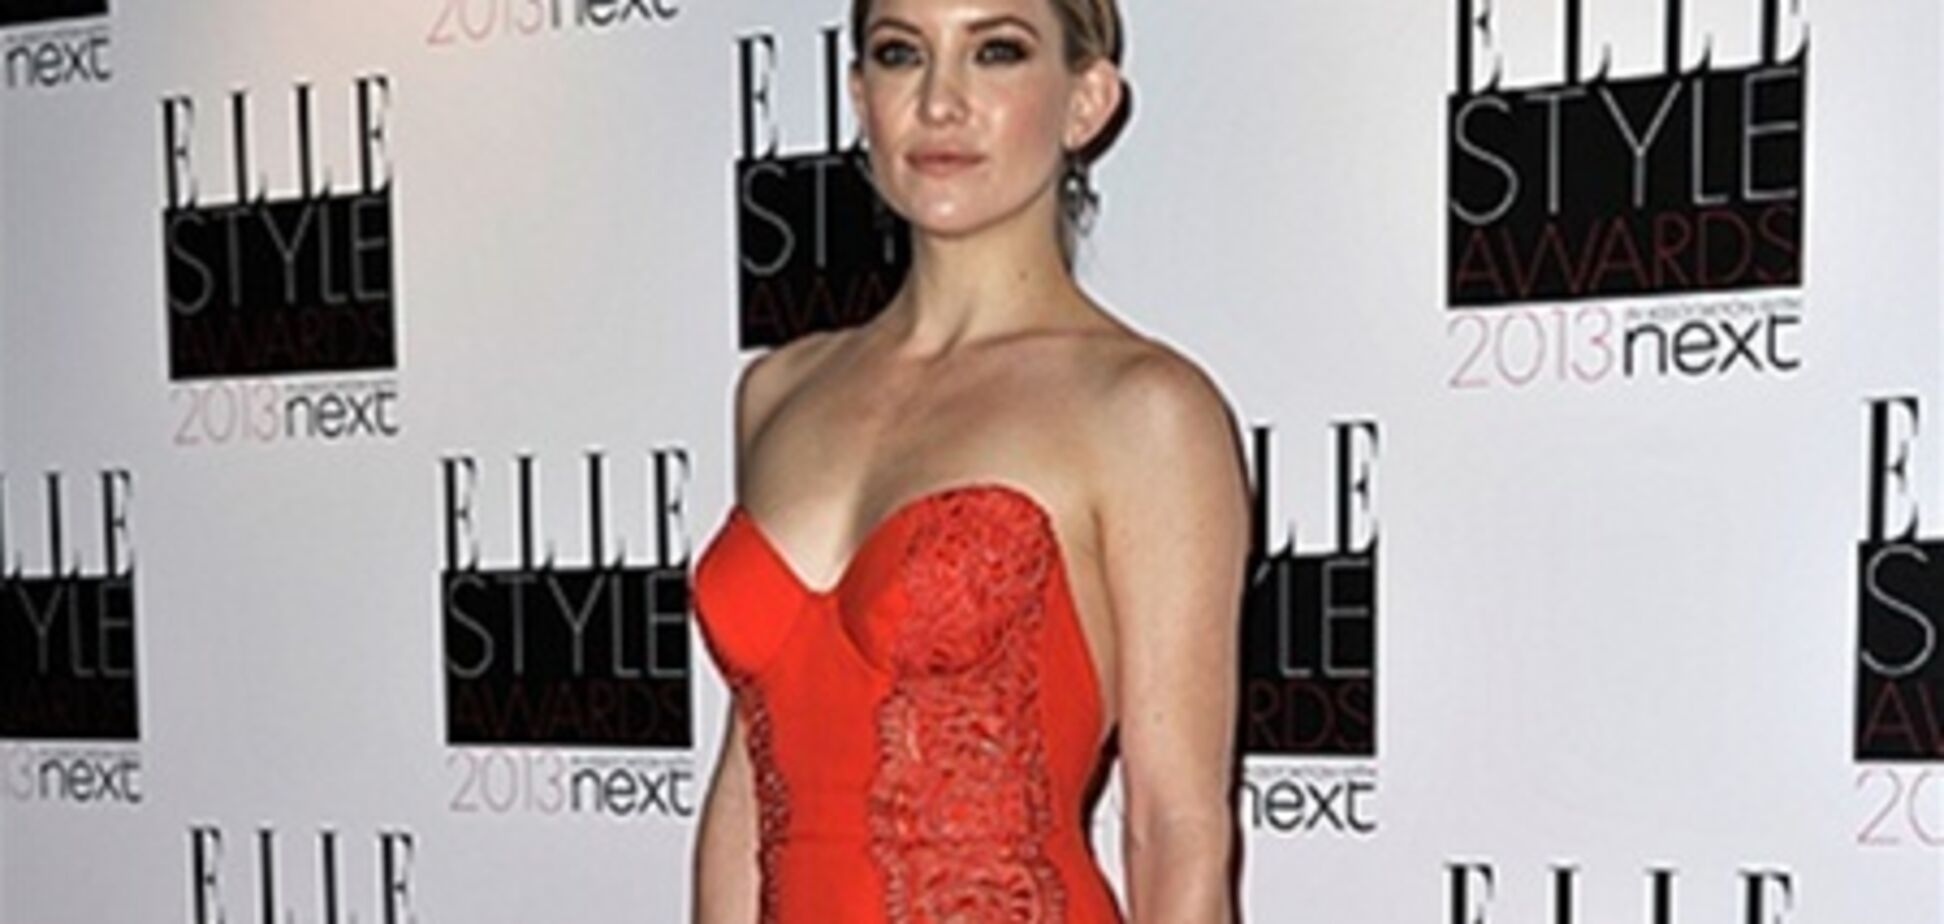 Звезды собрались выслушать 'модный приговор' от Elle. Фото